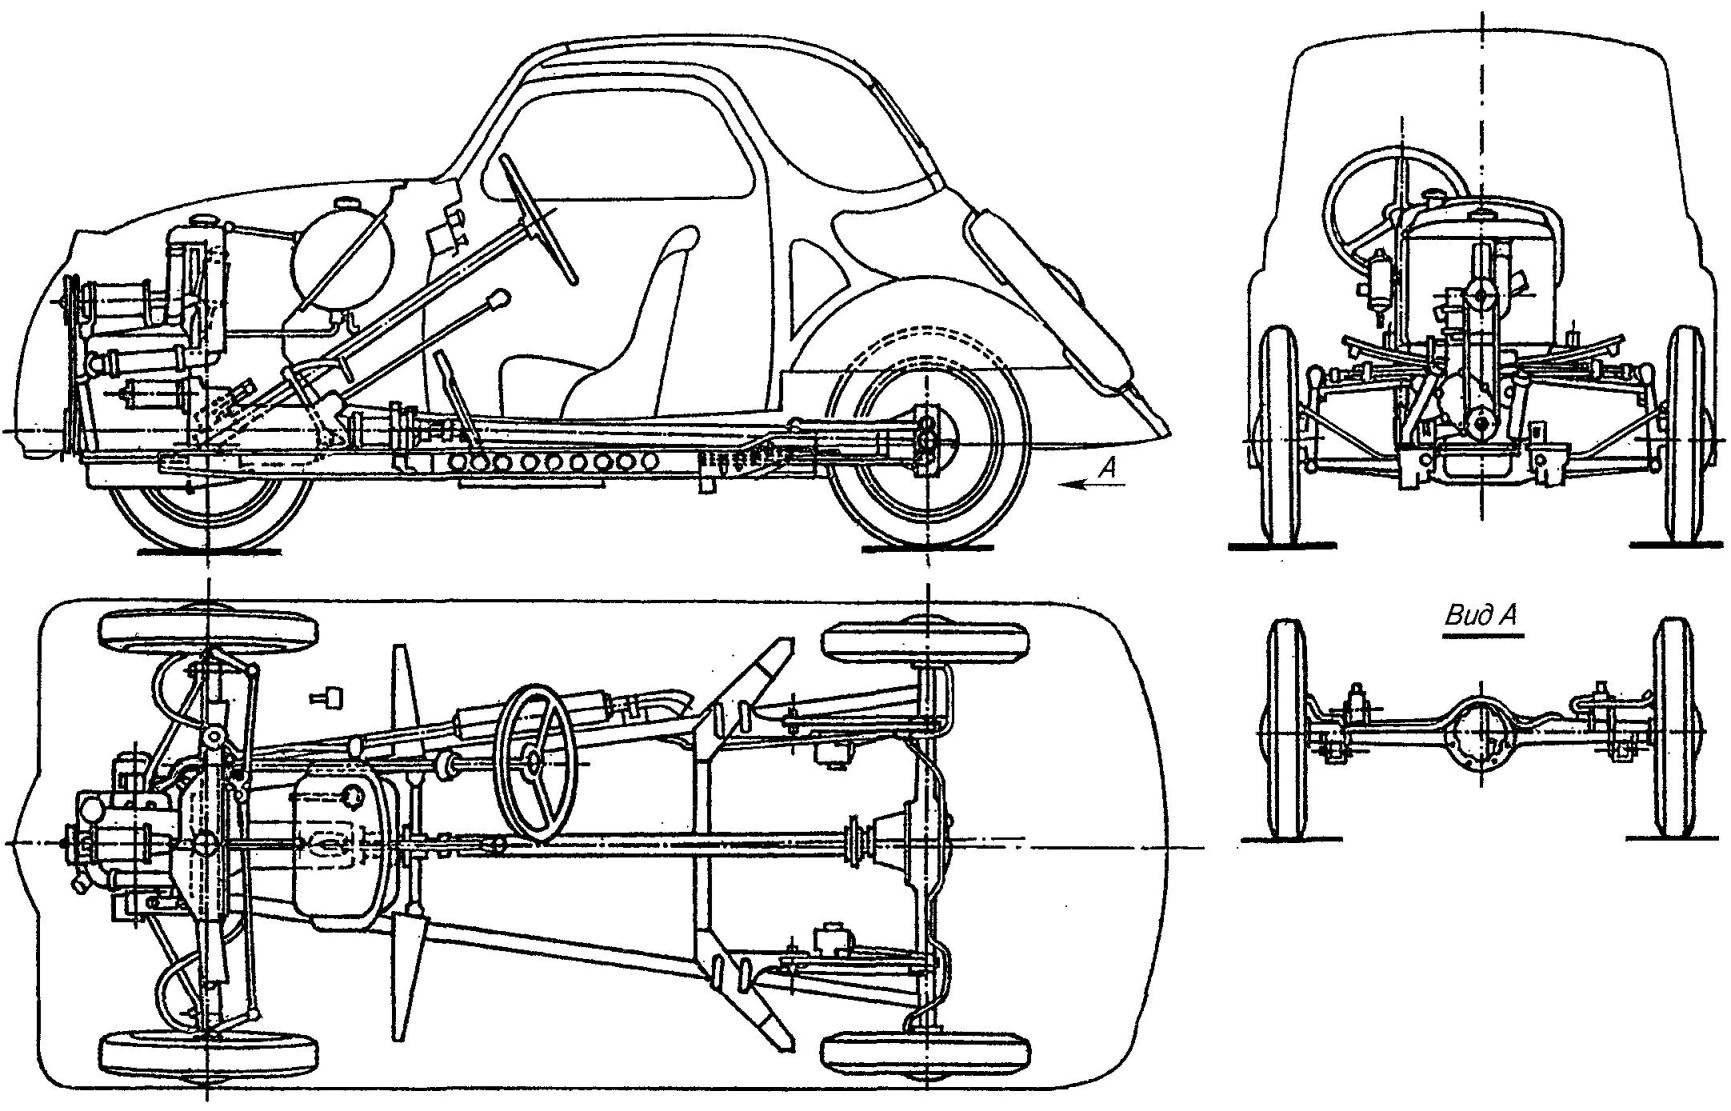 Компоновка FIAT-500 Topolino первой серии